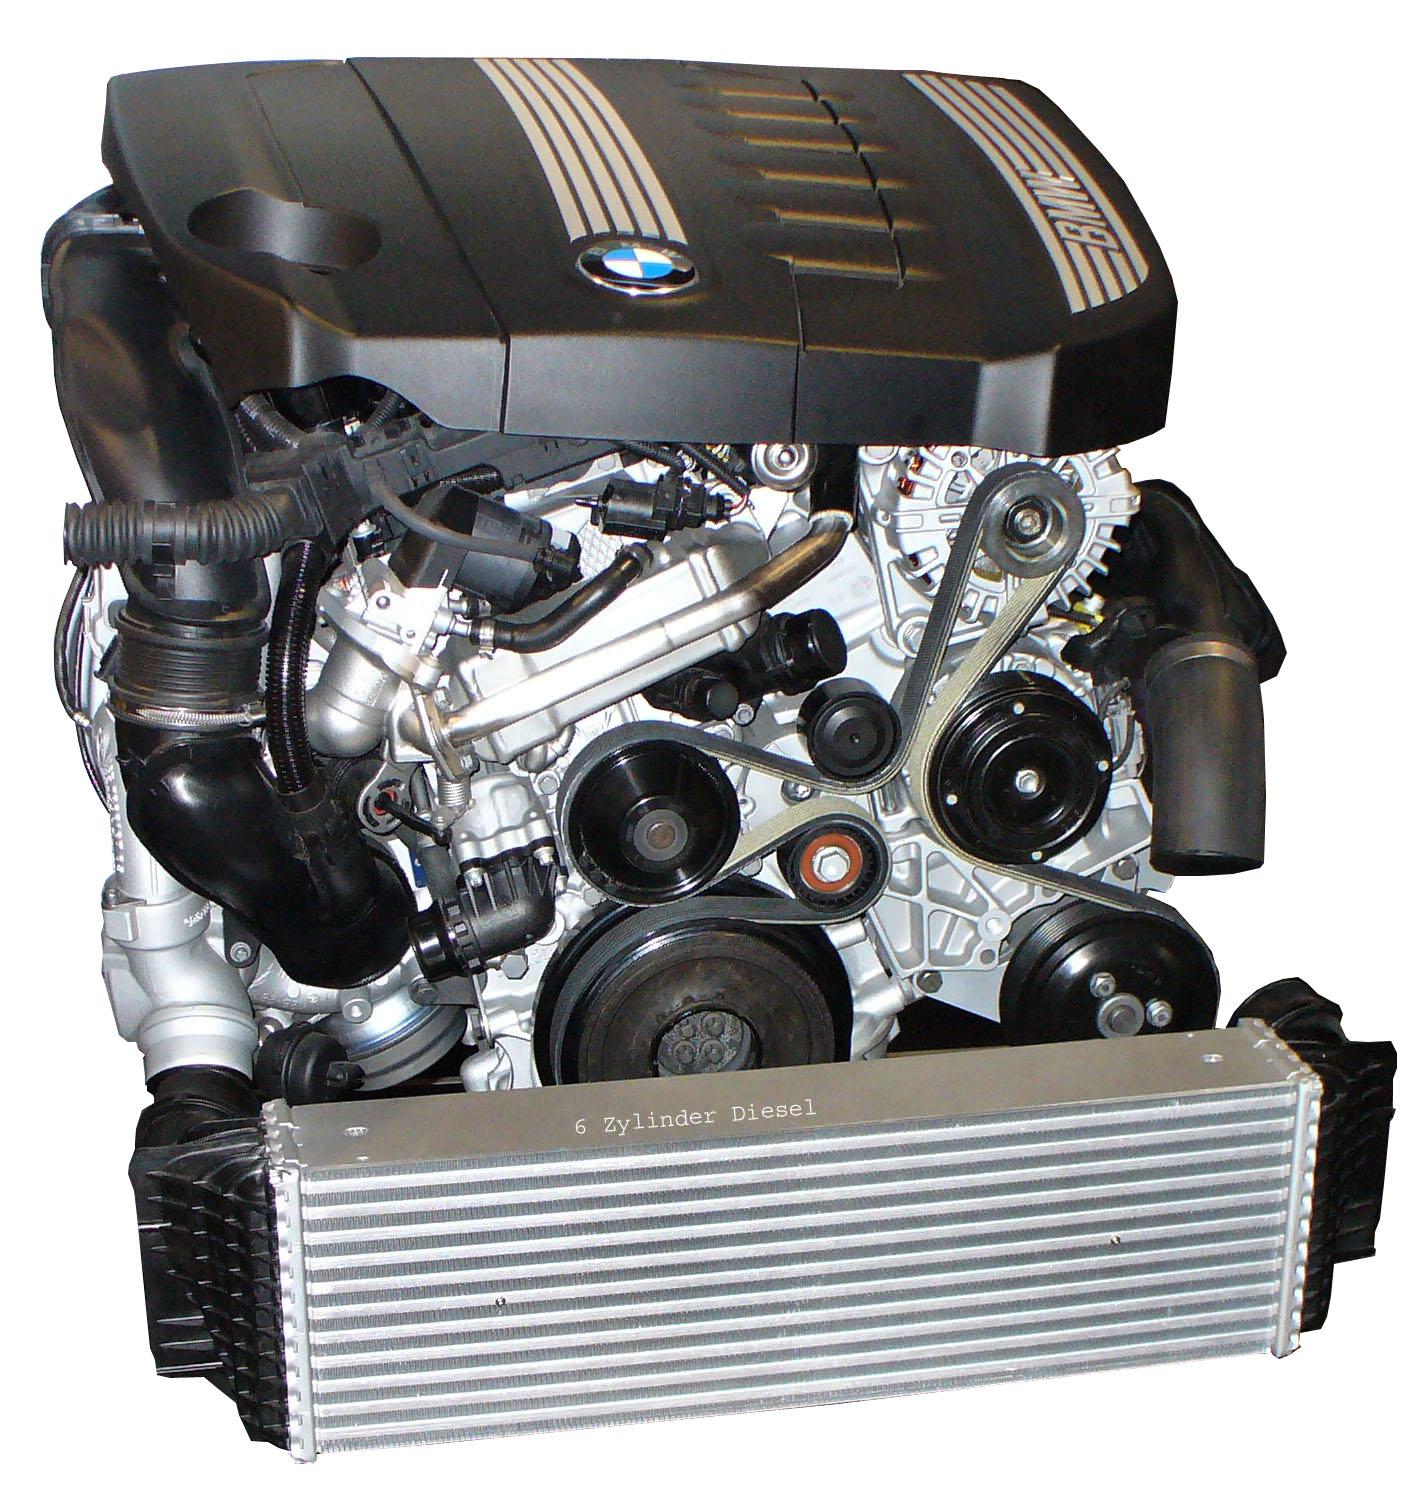 Blick auf den komplett montierten BMW Dieselmotor 6-Zylinder